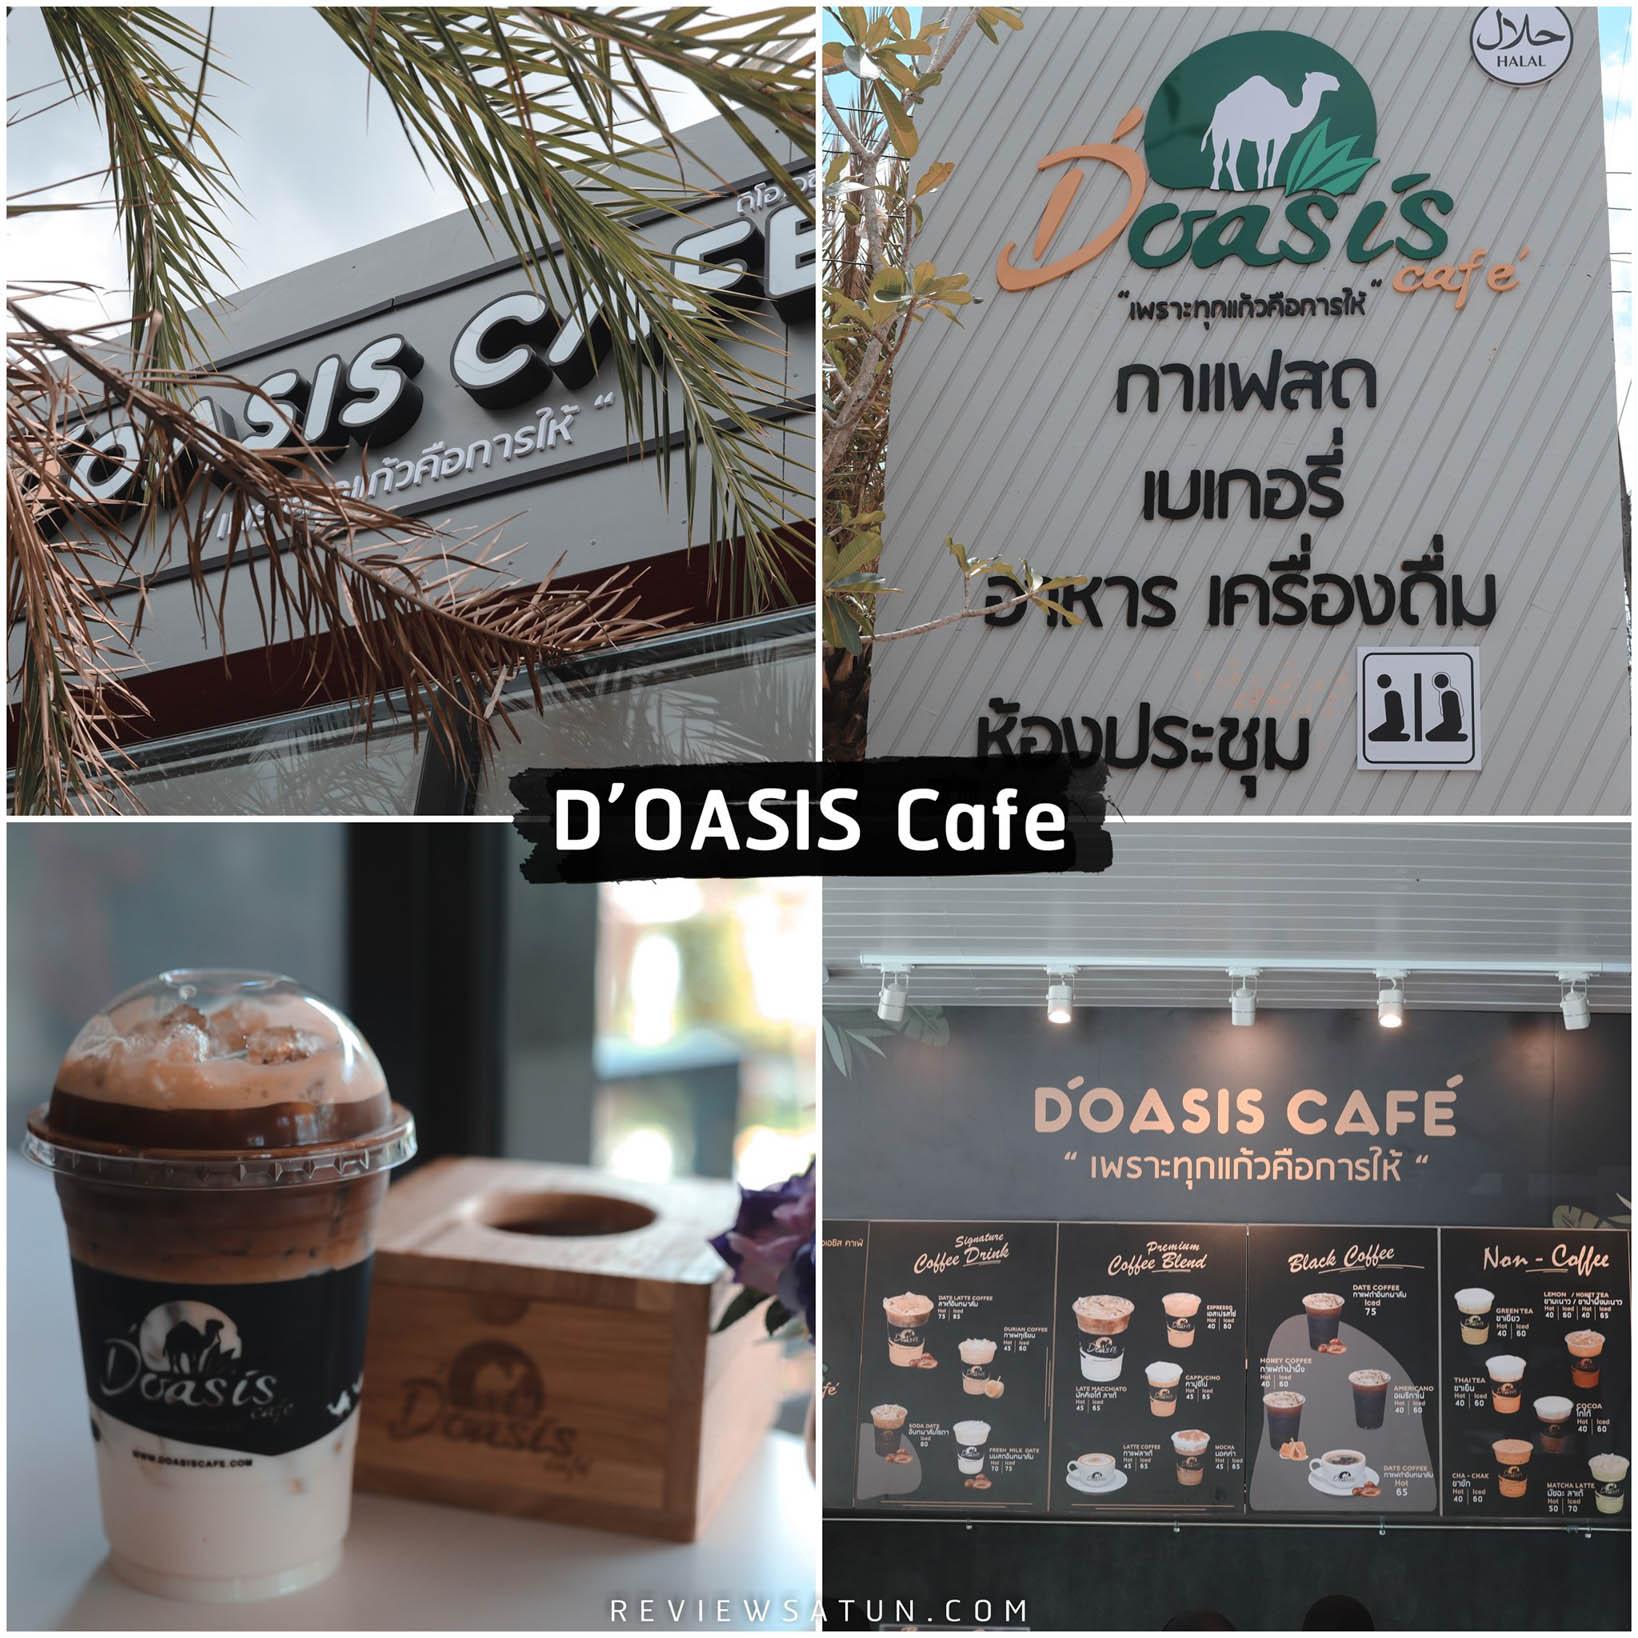 ปักหมุดเช็คอินร้าน the oasis cafe กาแฟสดกับเบเกอรี่อร่อยๆ ต้องร้านนี้เลย